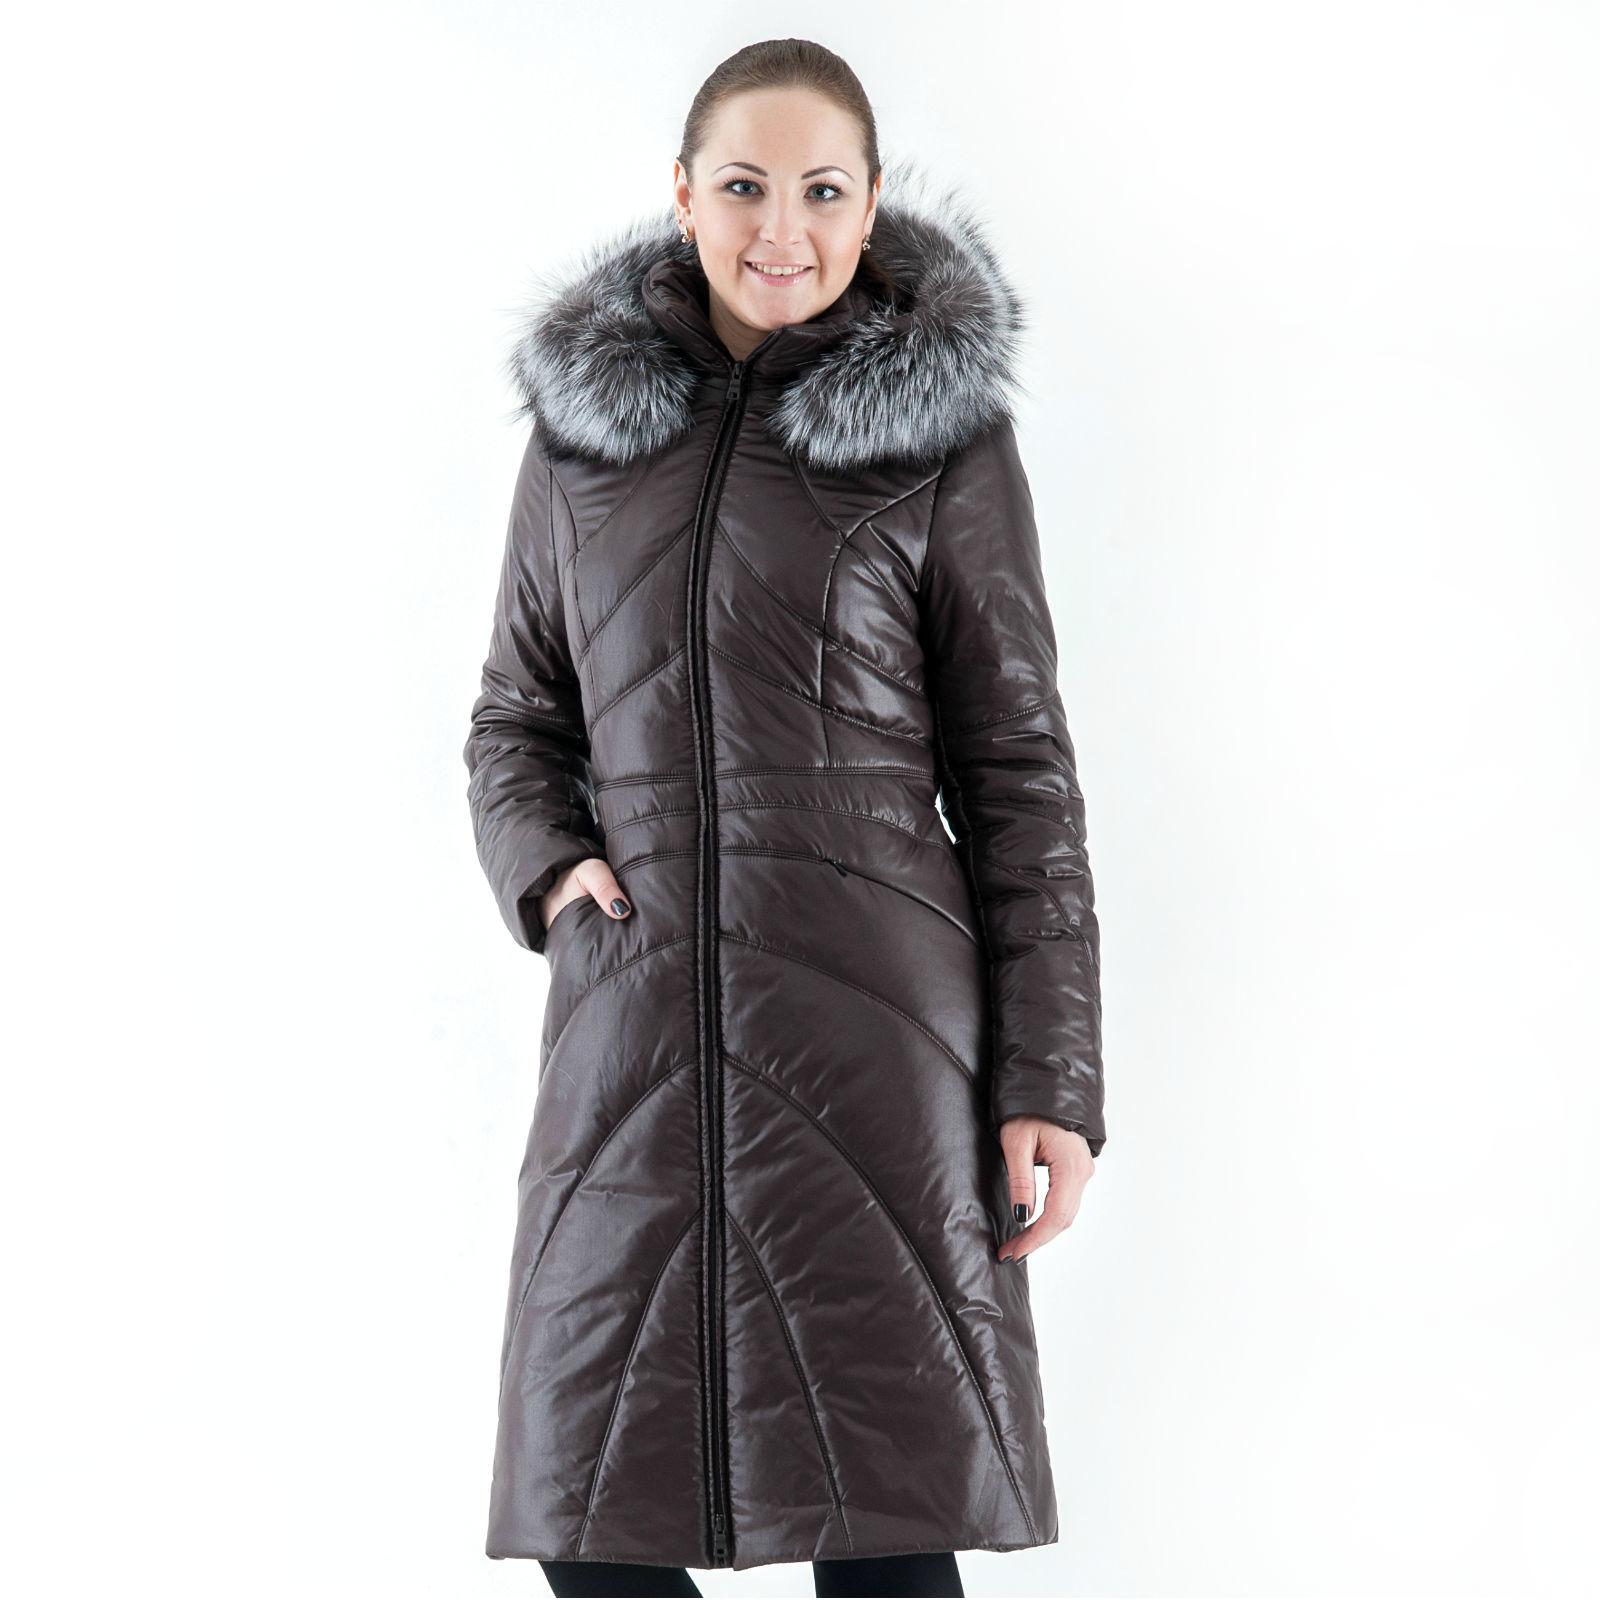 Купить Женское зимнее пальто Arabica (Арабика) по выгодной цене от ... 59acfbb5a1284